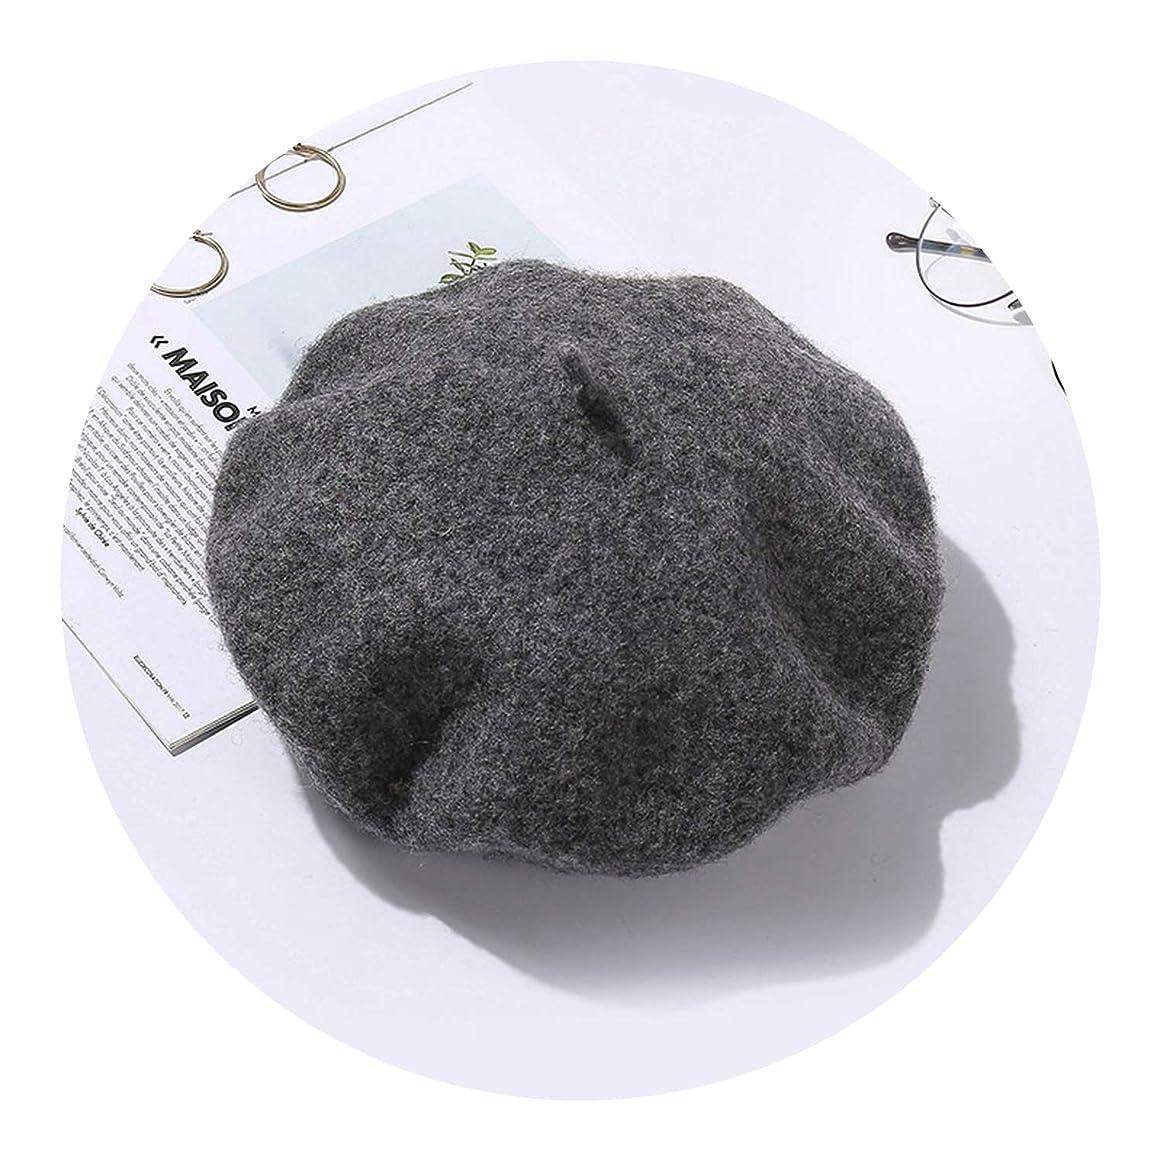 詐欺師ウミウシ懲らしめSurprisedresshatglass-Sports 野球帽 ウール ベレー帽 レディース 暖かい冬用帽子